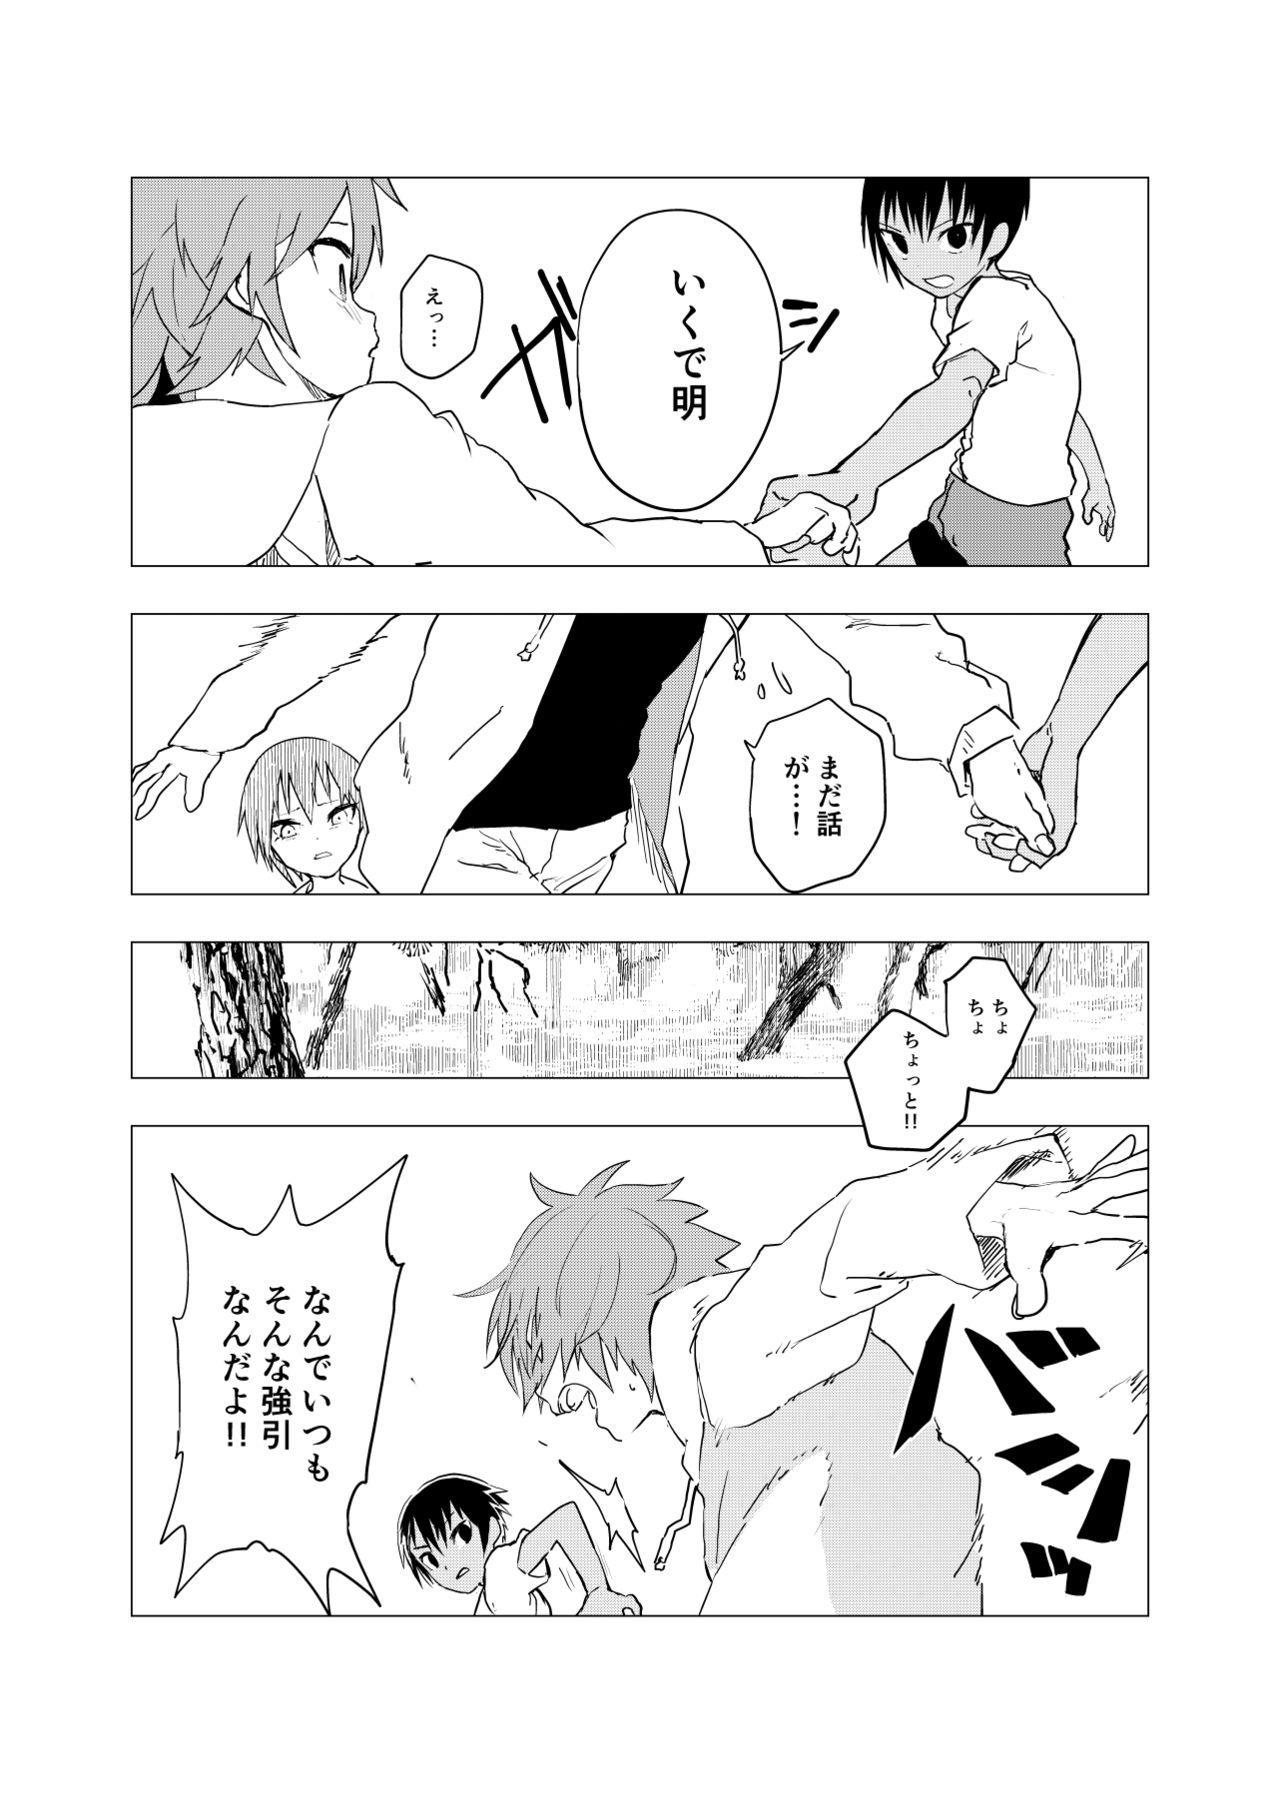 Inaka no Uke Shounen to Tokai no Seme Shounen no Ero Manga 1-6 123